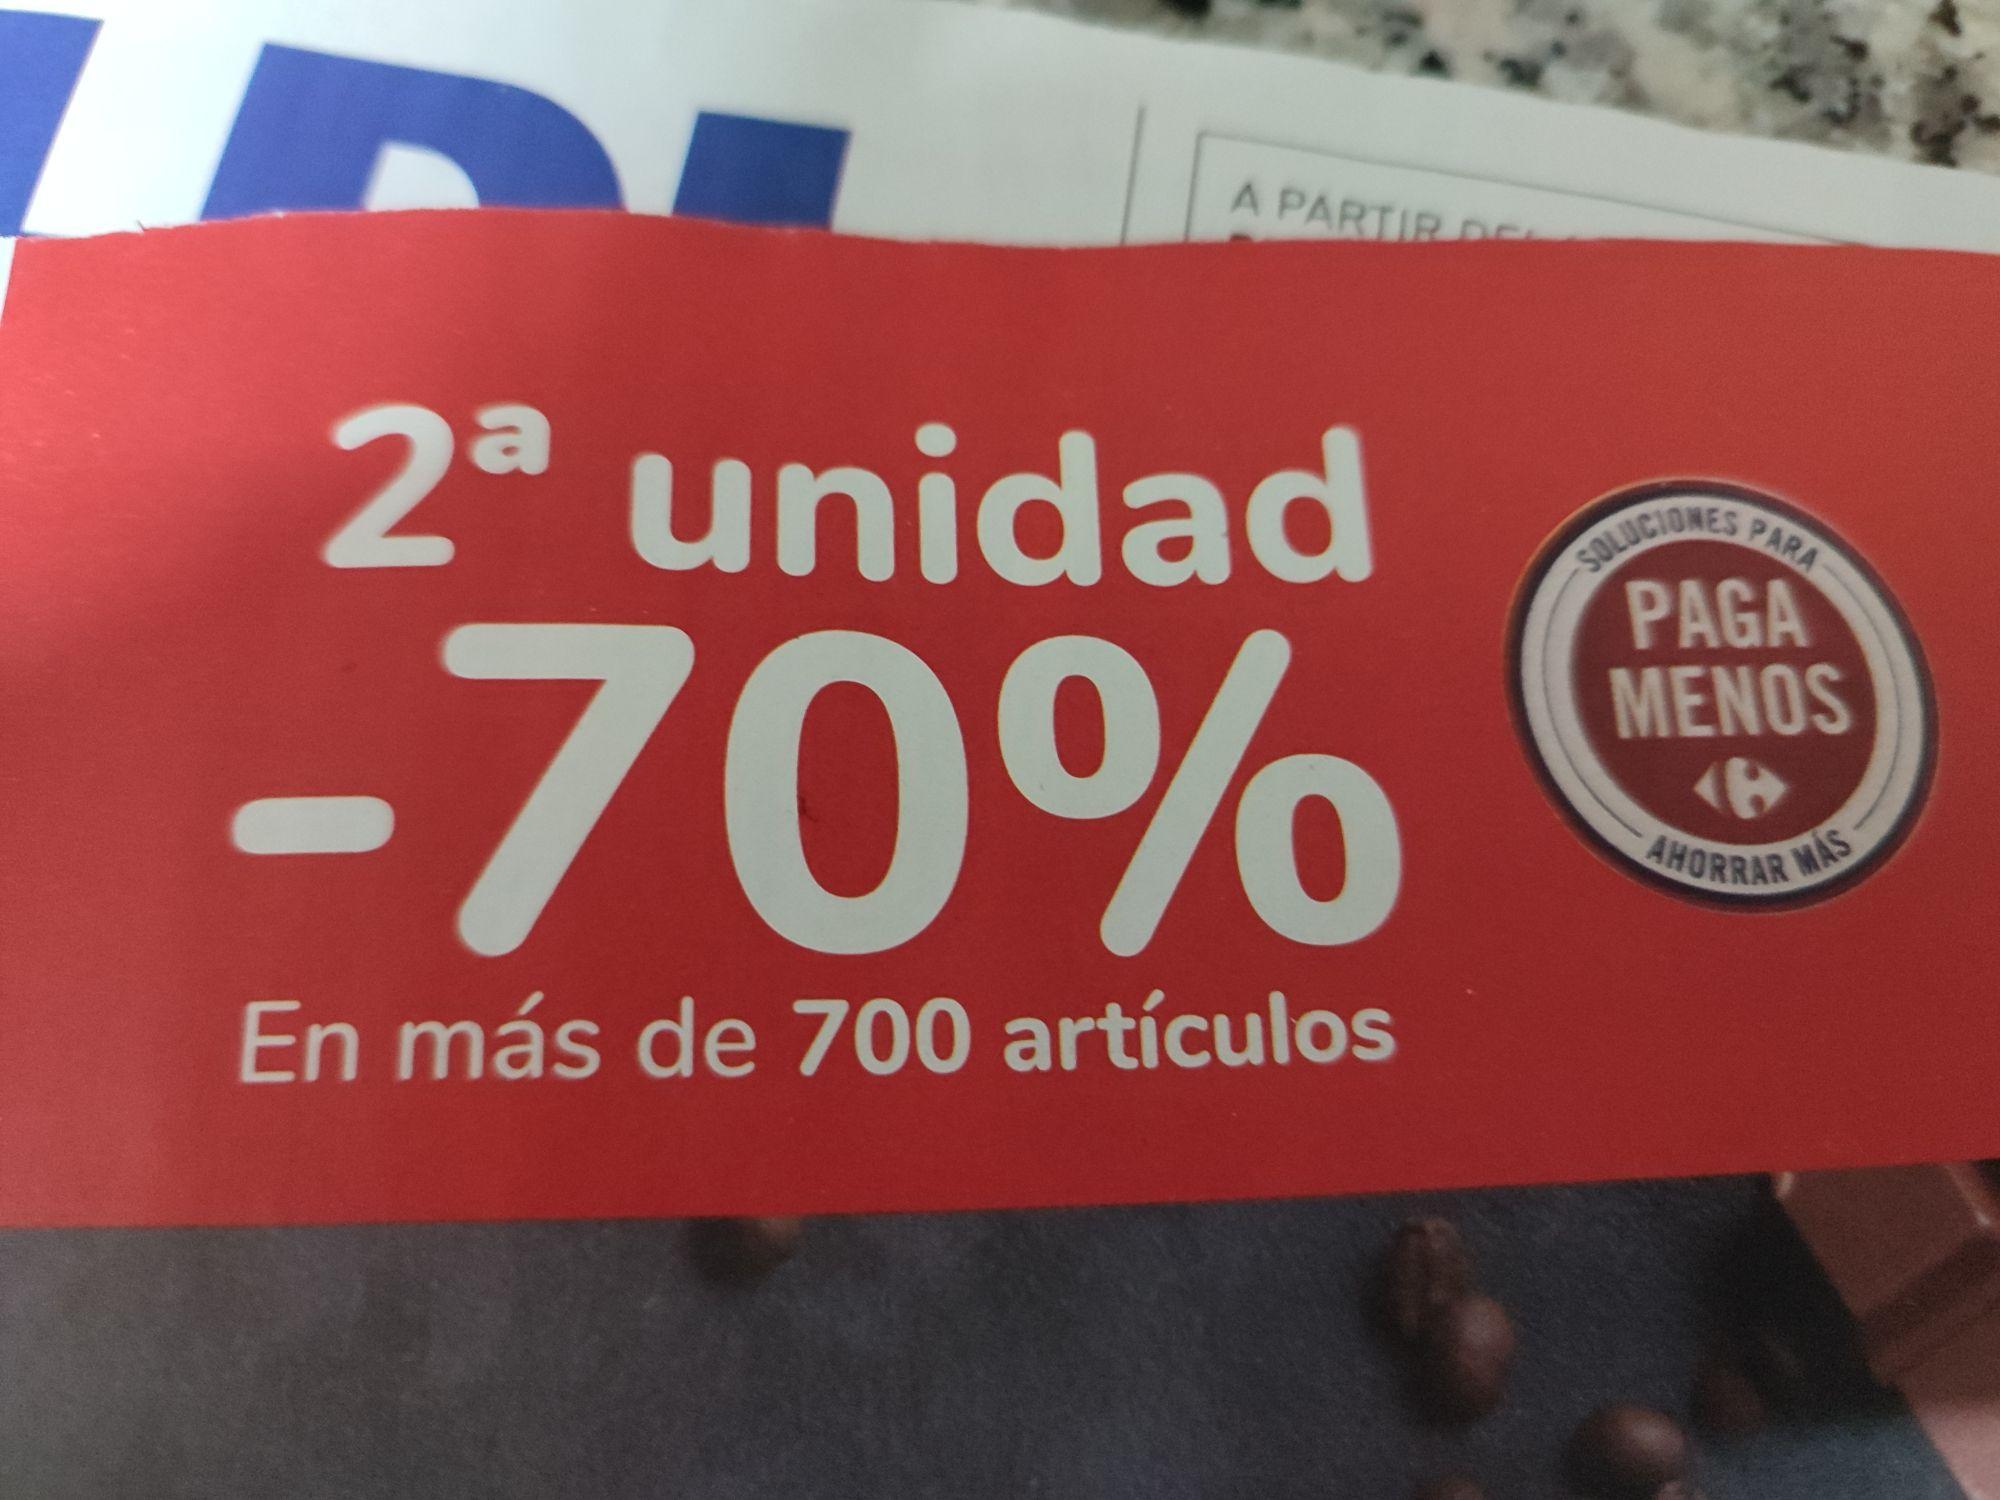 Segunda unidad al 70% en Carrefour